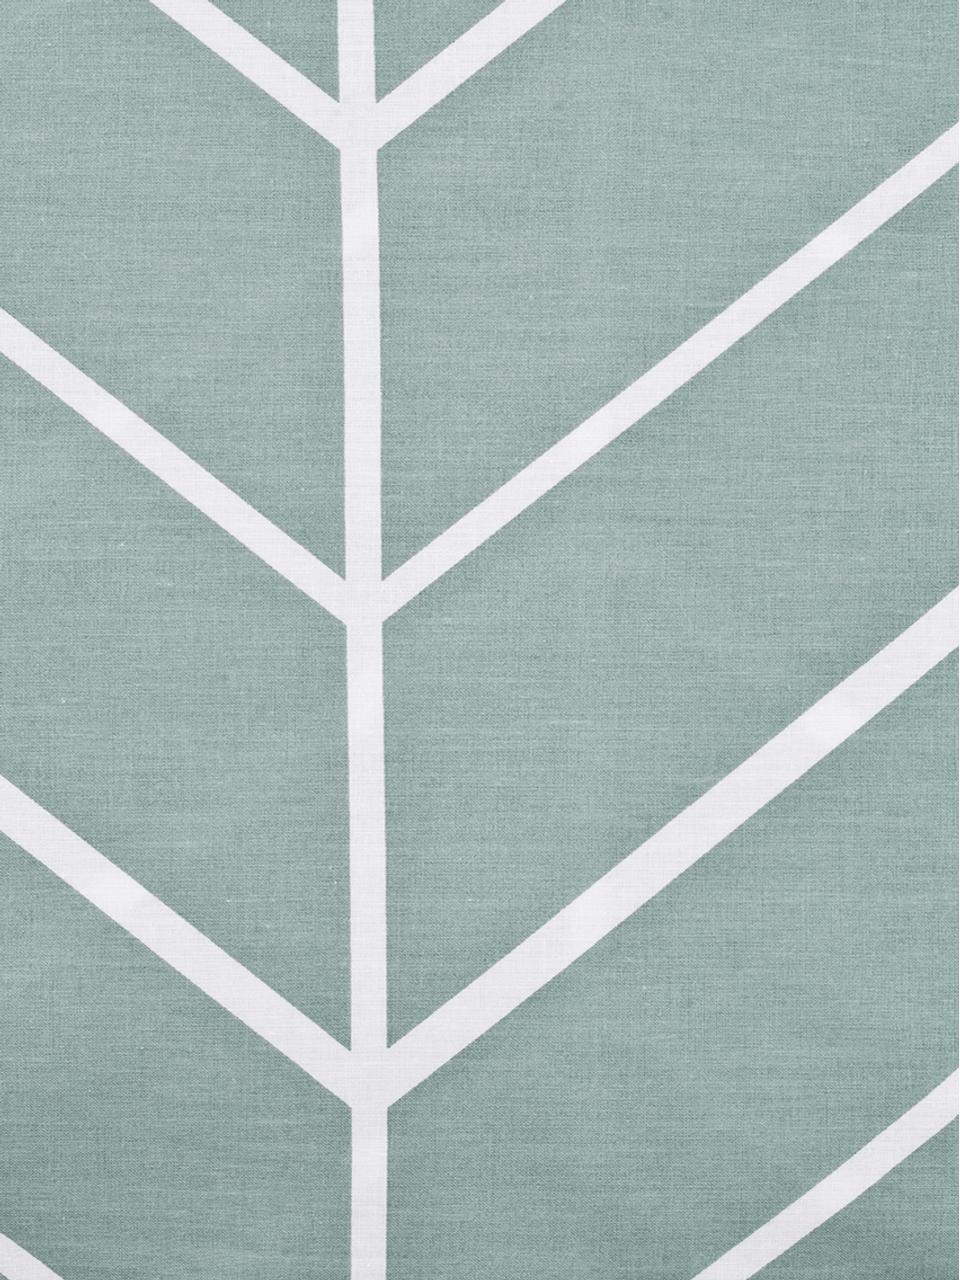 Pościel z bawełny renforcé Mirja, Zielony, kremowobiały, 155 x 220 cm